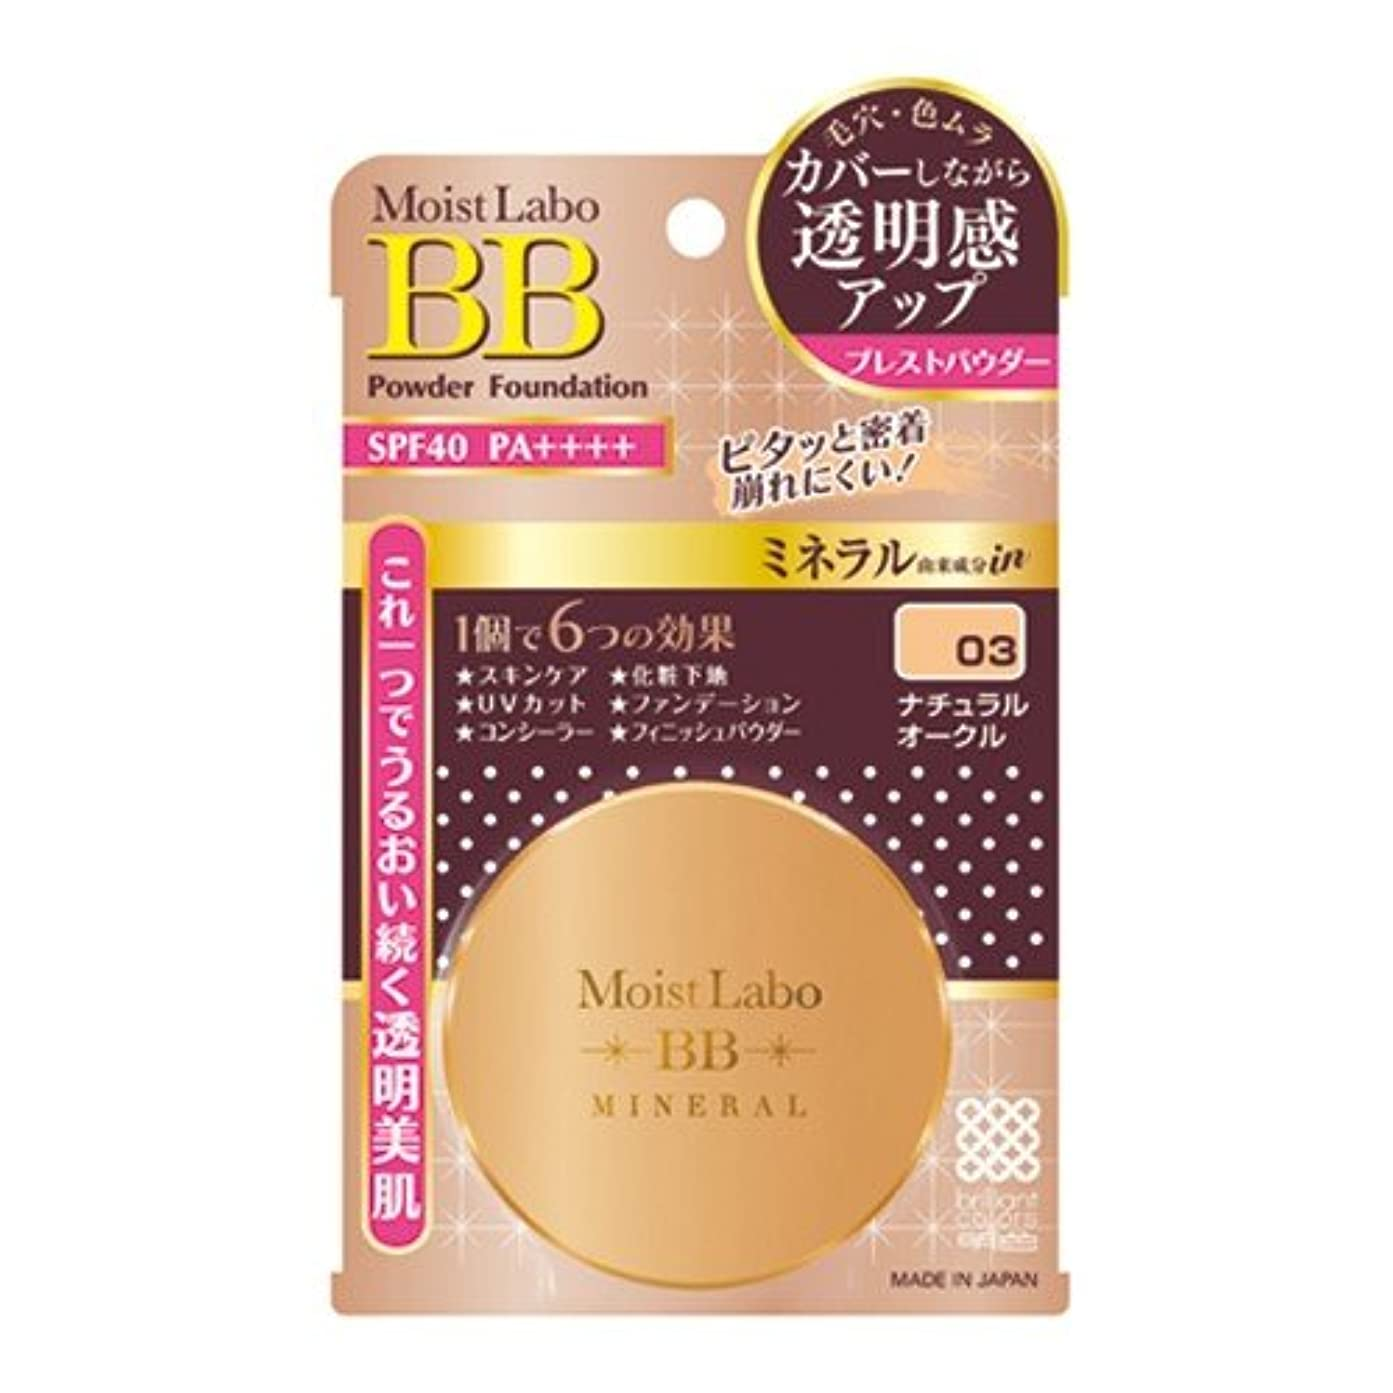 知覚確立変わるモイストラボBBミネラルプレストパウダー <ナチュラルオークル> (日本製) SPF40 PA++++